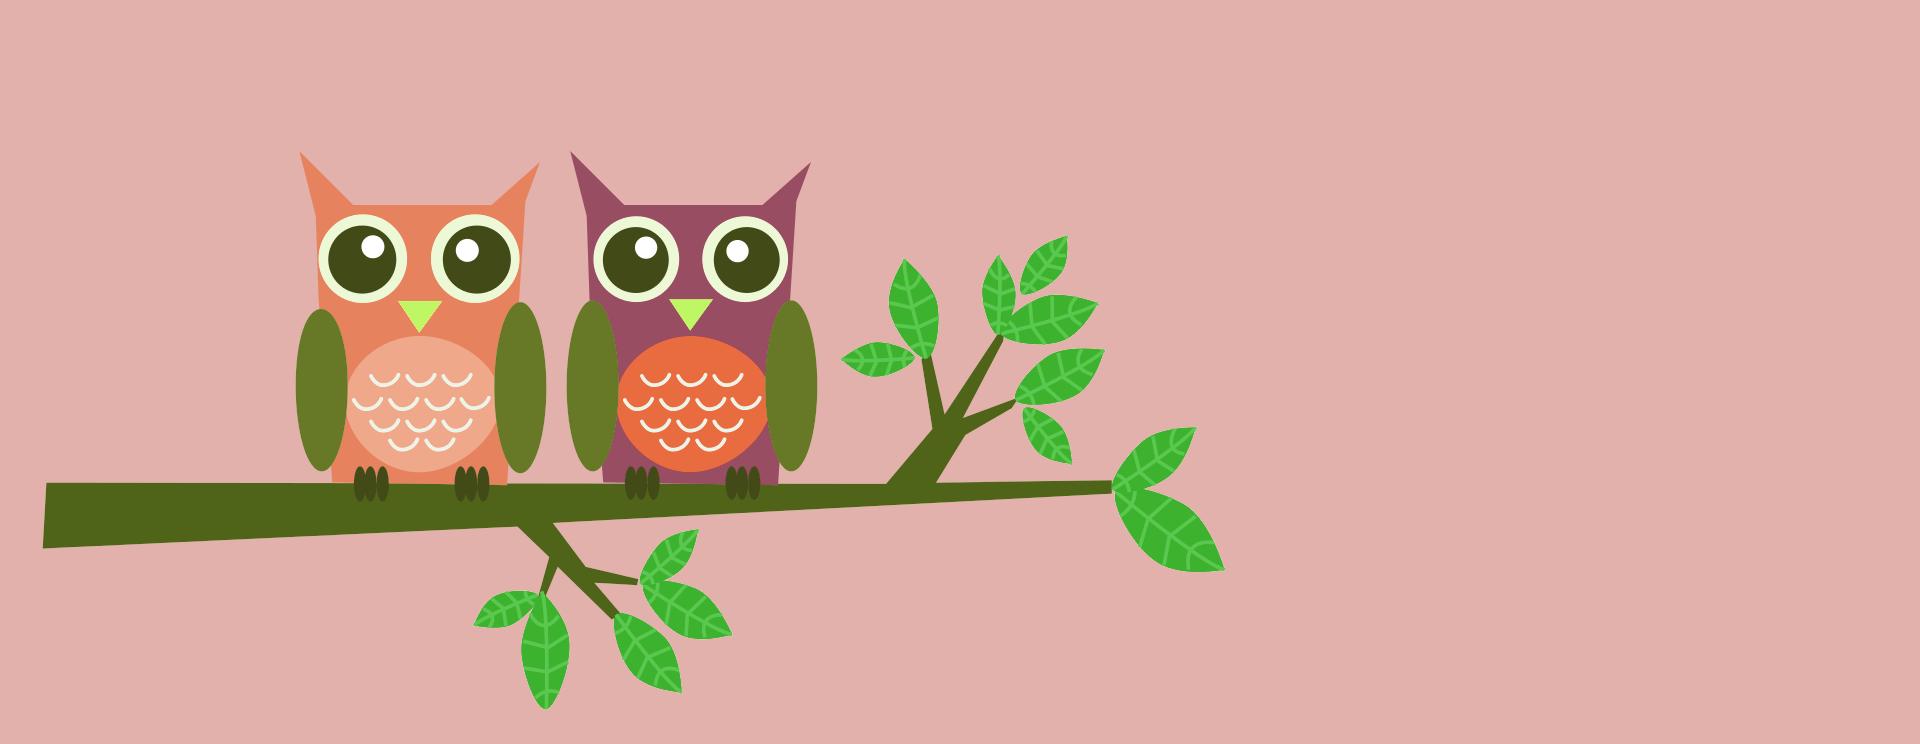 owls-2663351